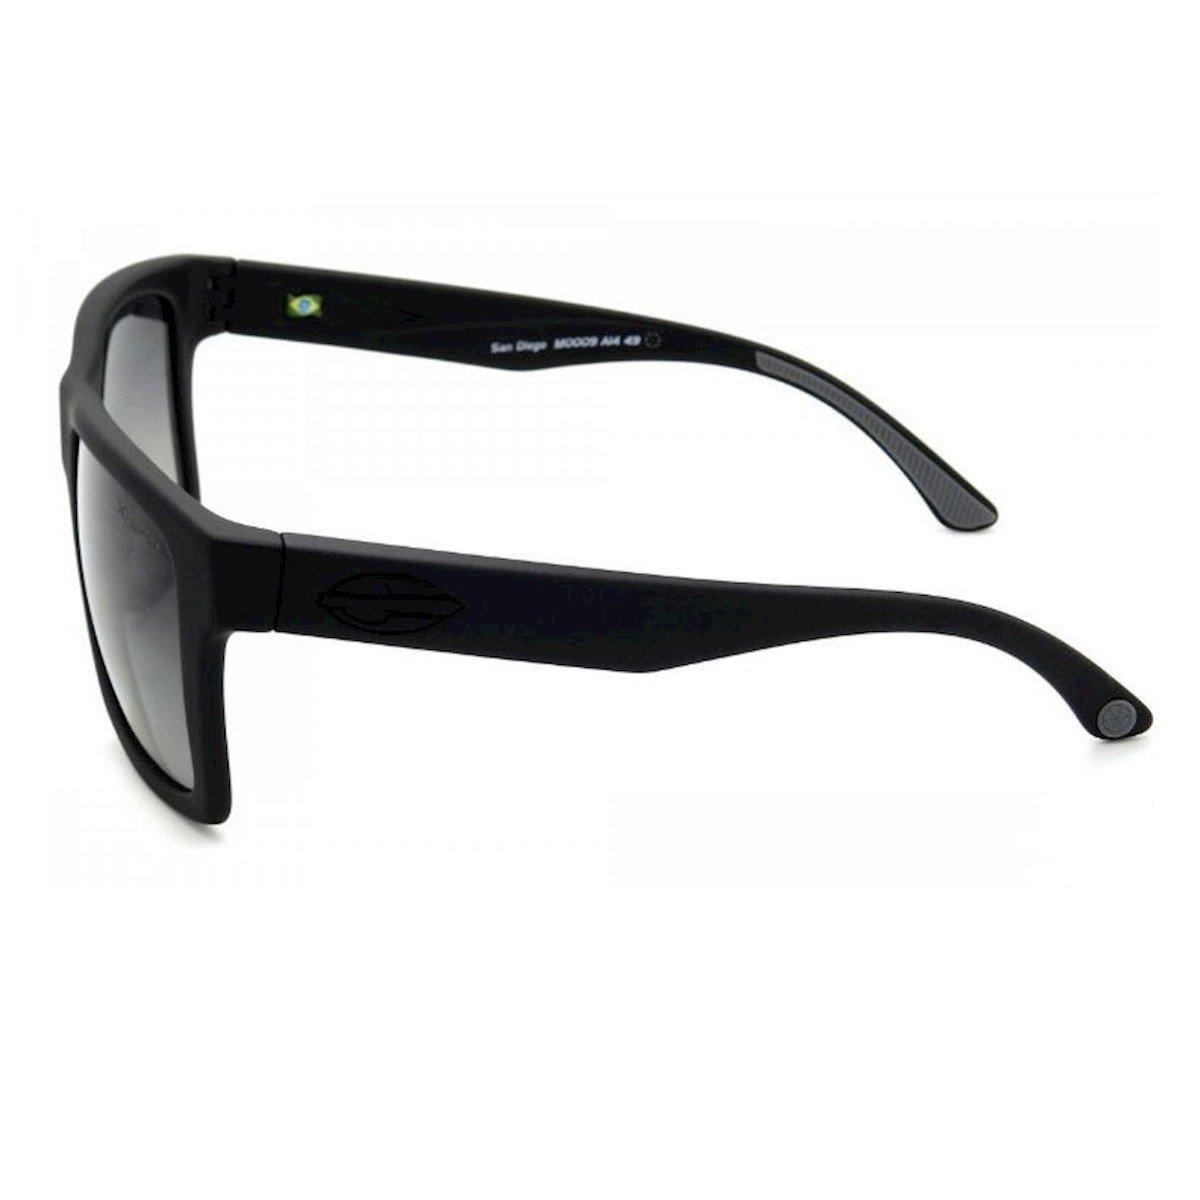 Óculos de Sol Mormaii San Diego Polarizado Fosco - Compre Agora ... 55df22208f